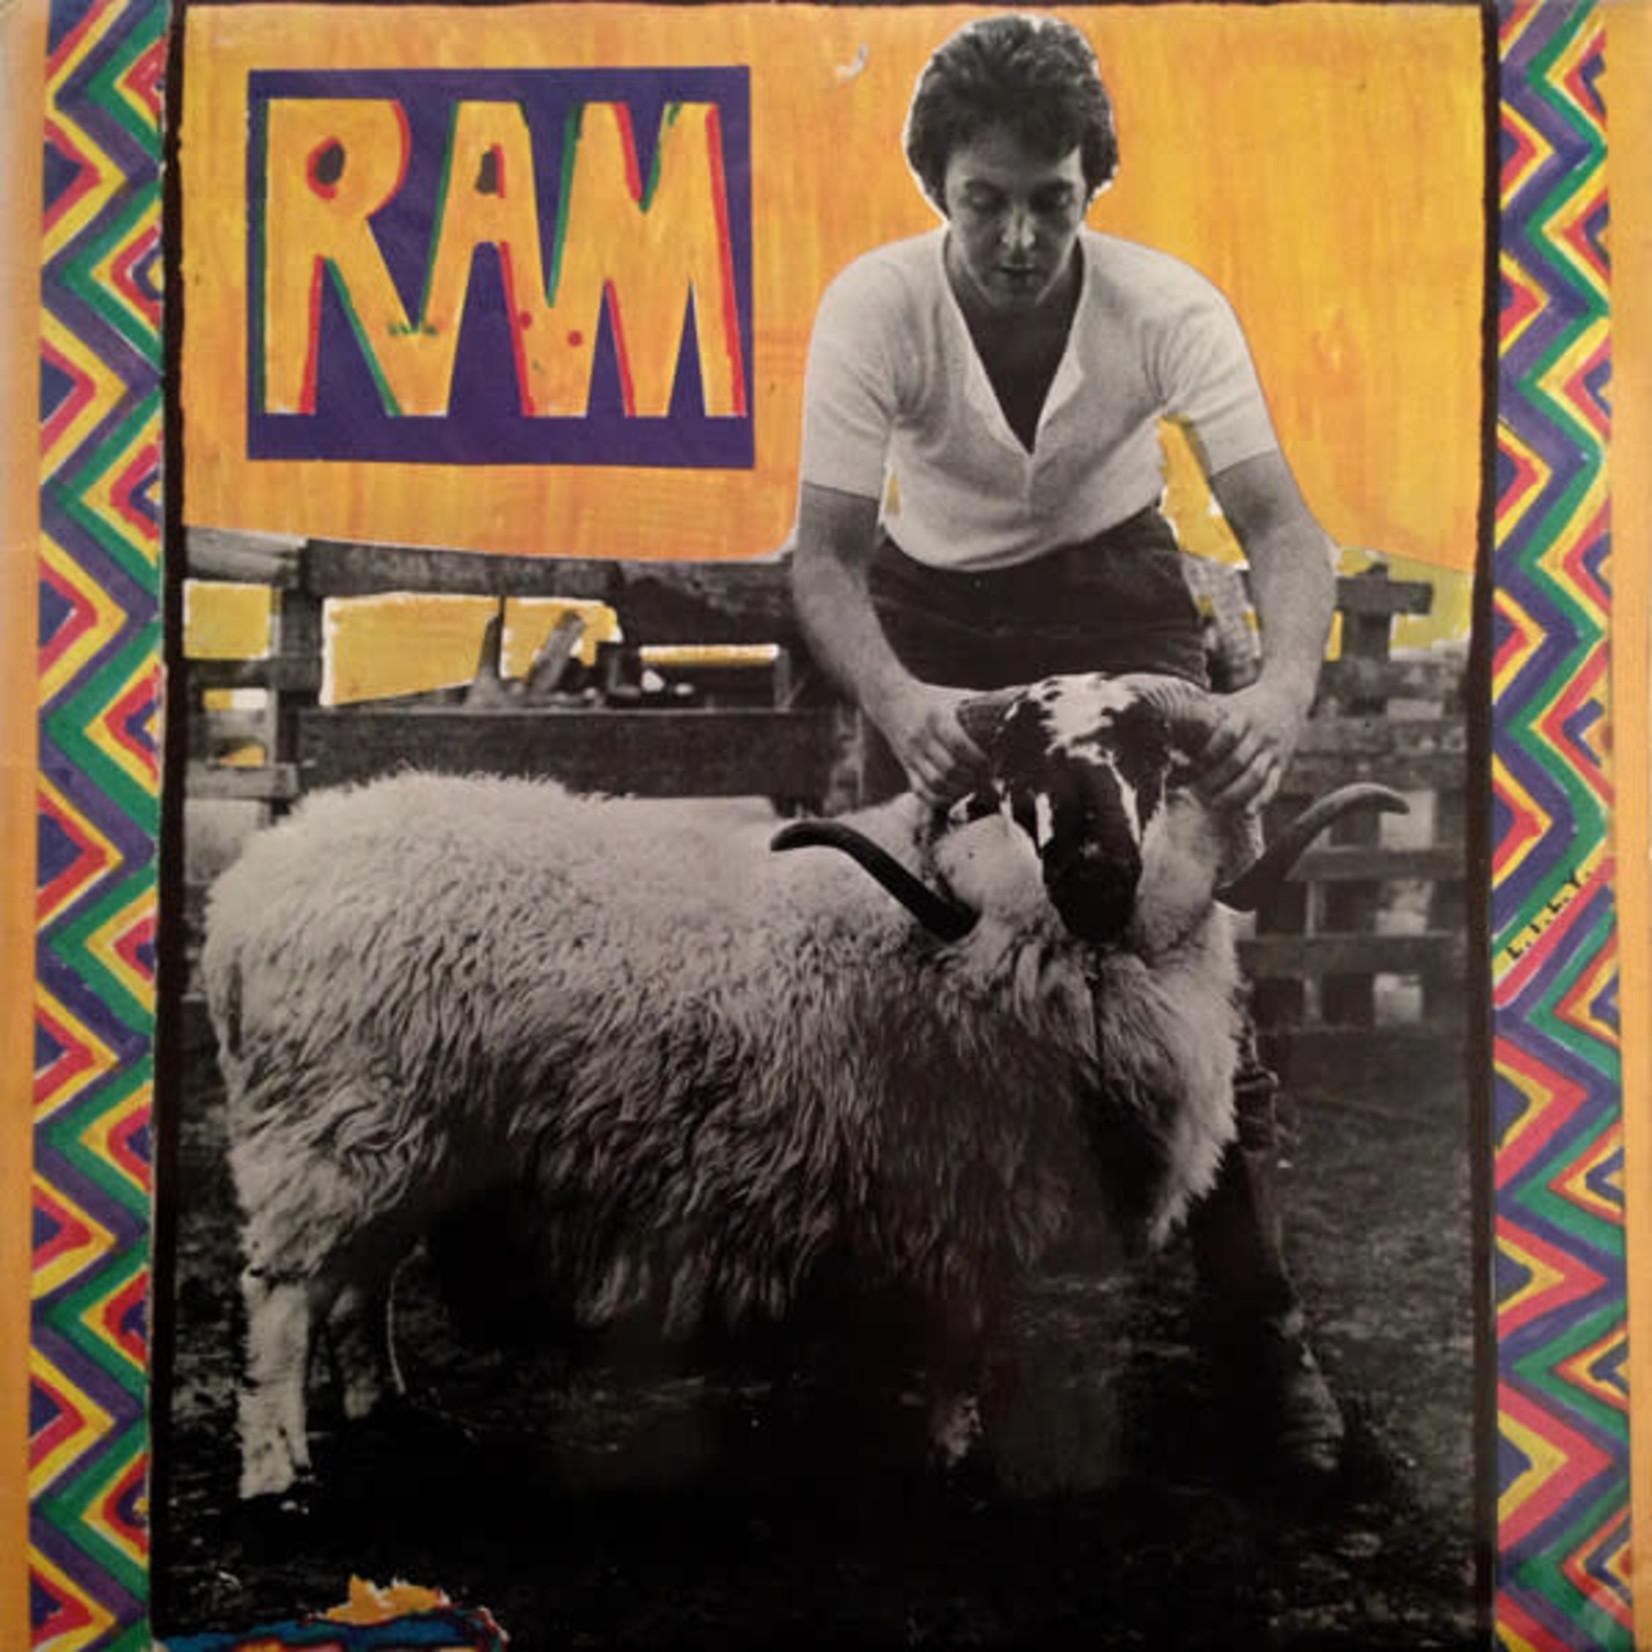 [Vintage] McCartney, Paul (Beatles): Ram